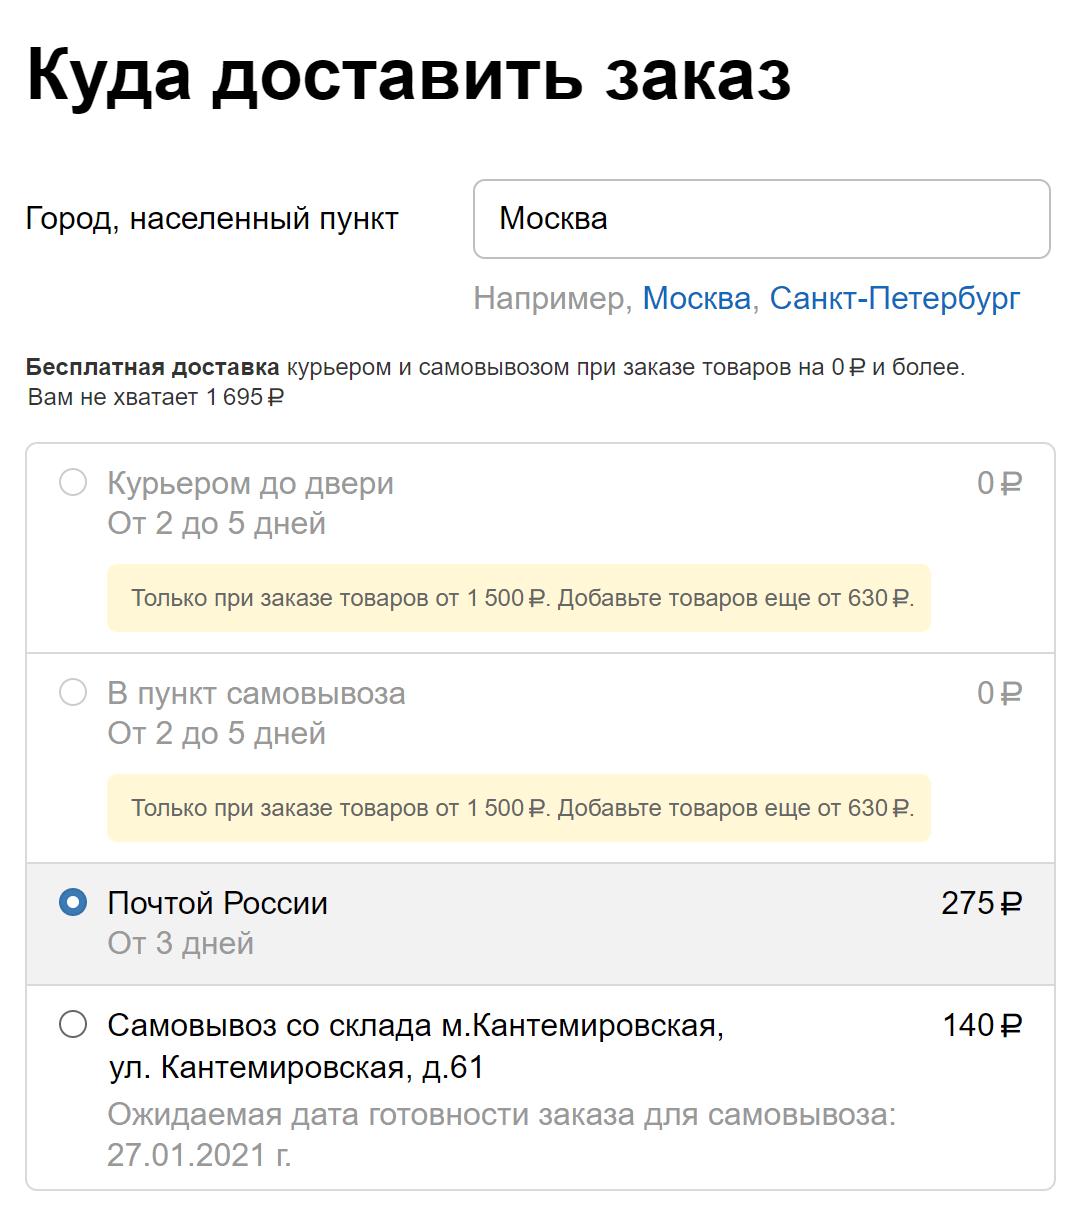 Это расчет доставки книг от издательства «МИФ». В Москву бесплатно доставляют товары на сумму от 1500<span class=ruble>Р</span>, а в Люберцы — от 3000<span class=ruble>Р</span>